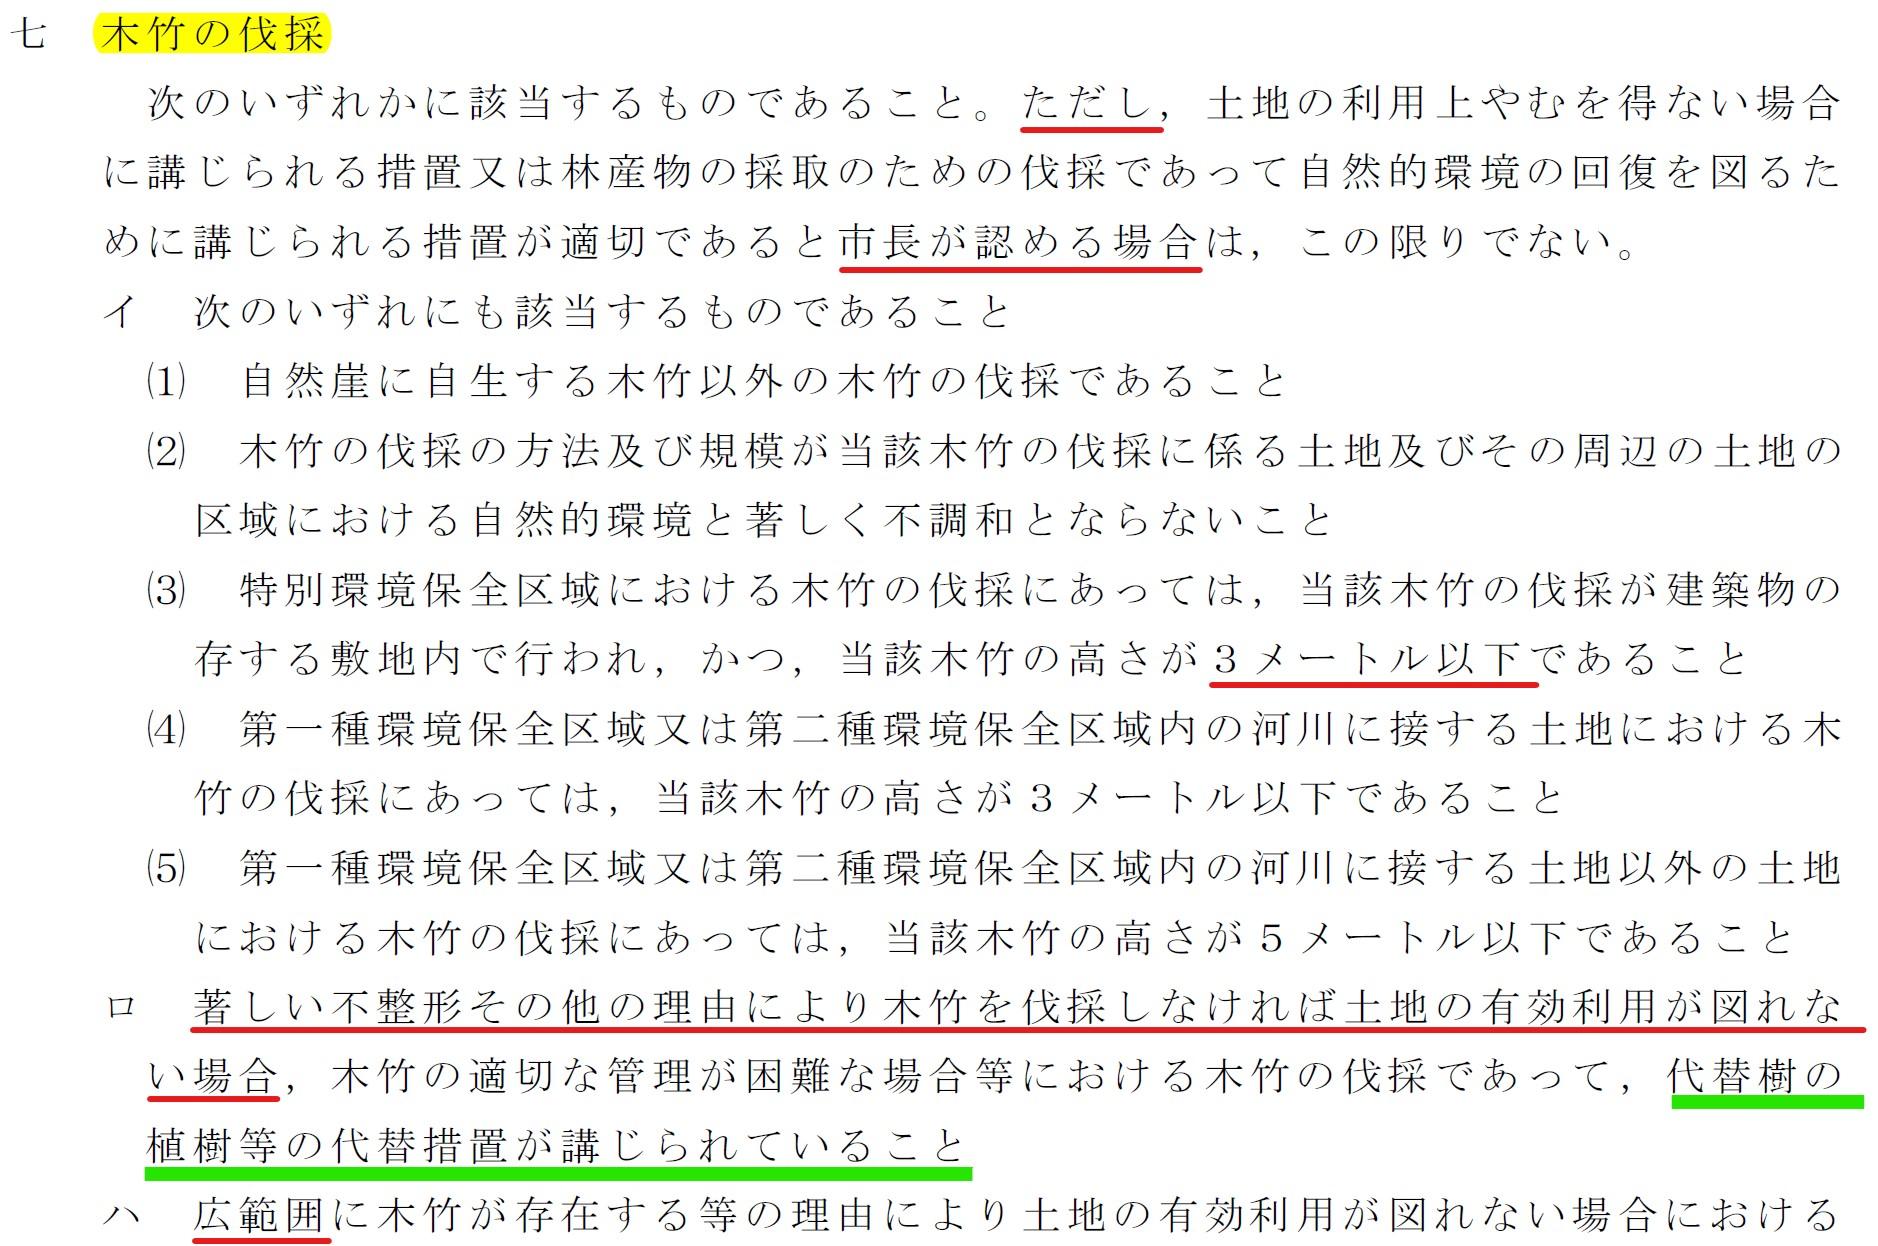 図3 木竹の伐採が認められる場合(条例施行規則第14条第七項)